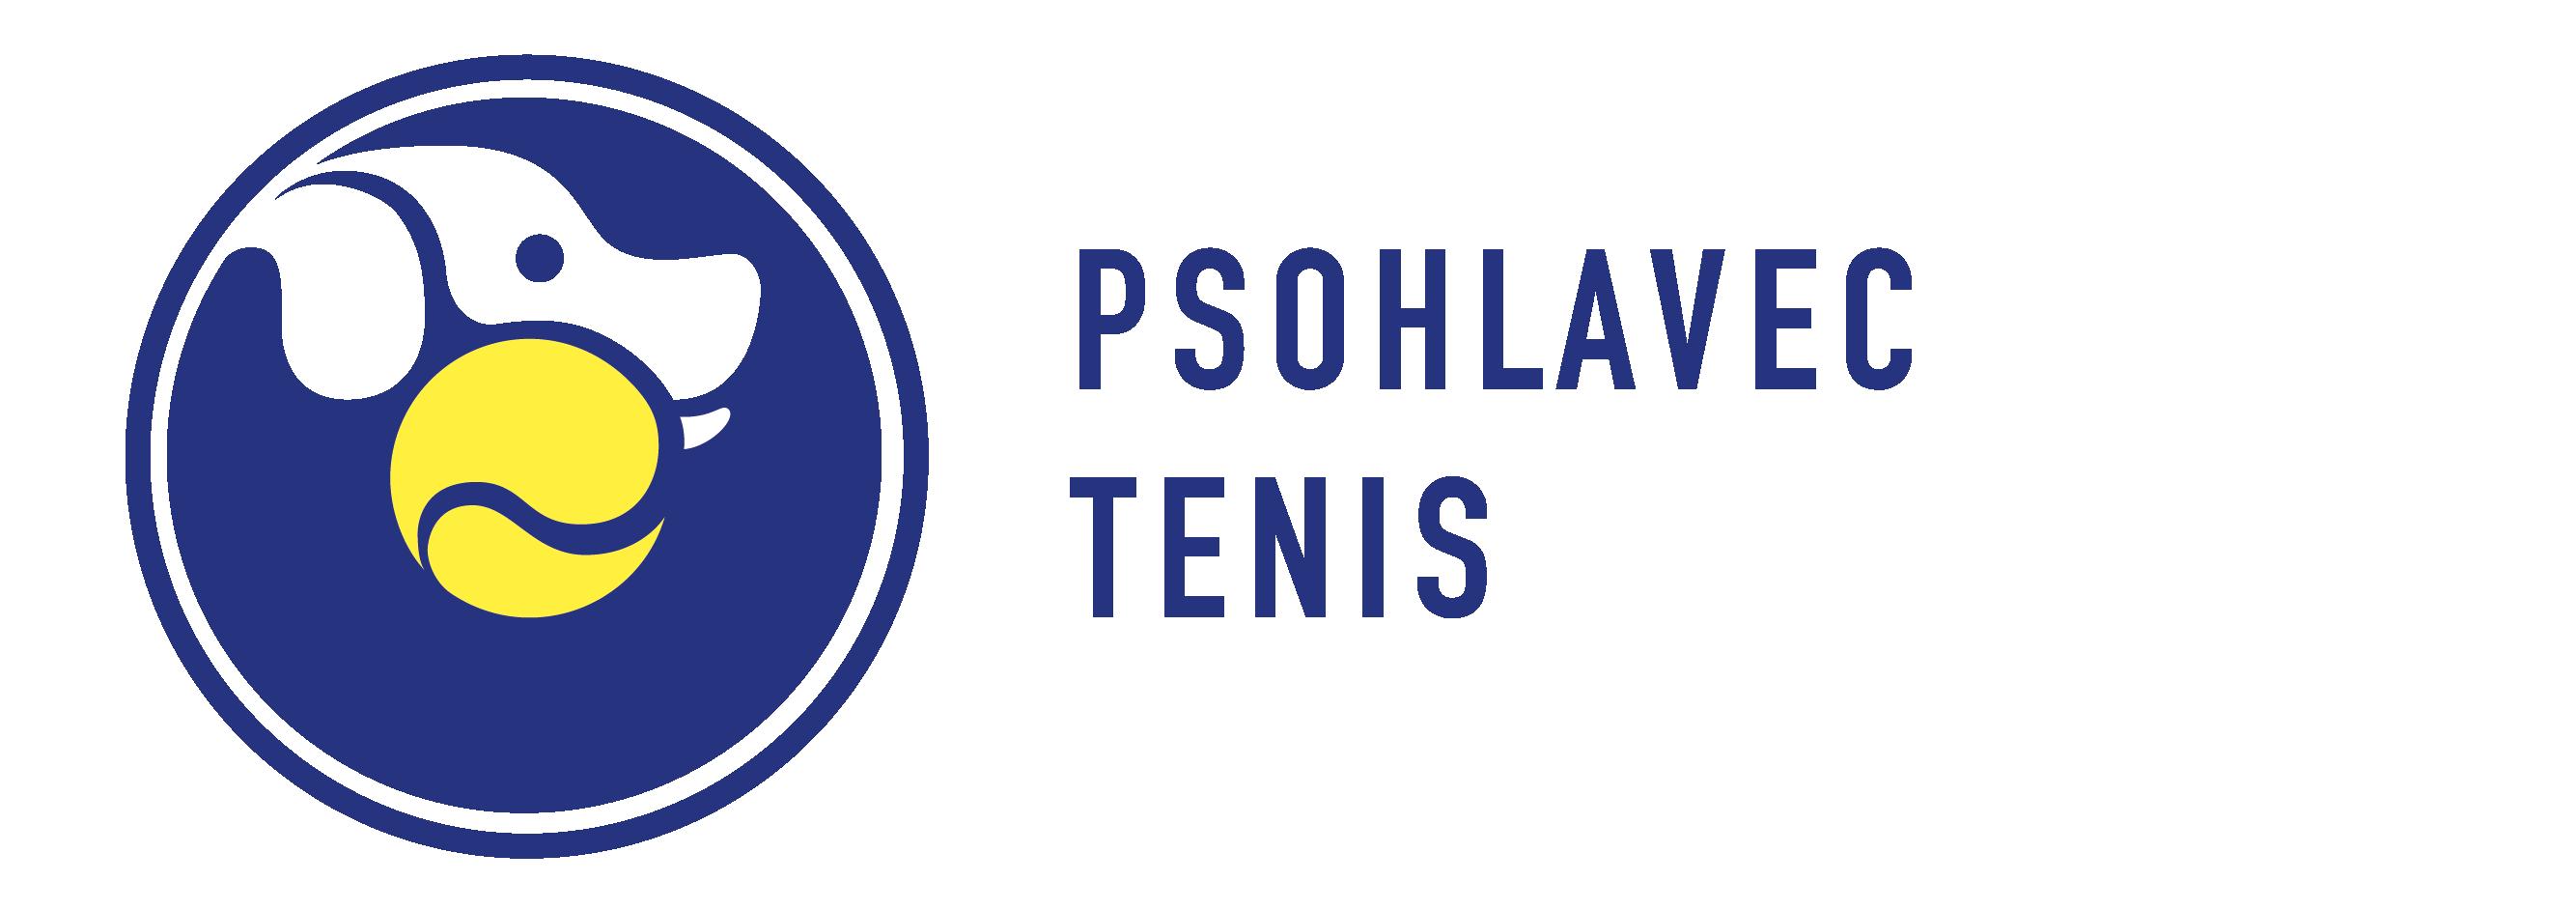 Tenis Psohlavec